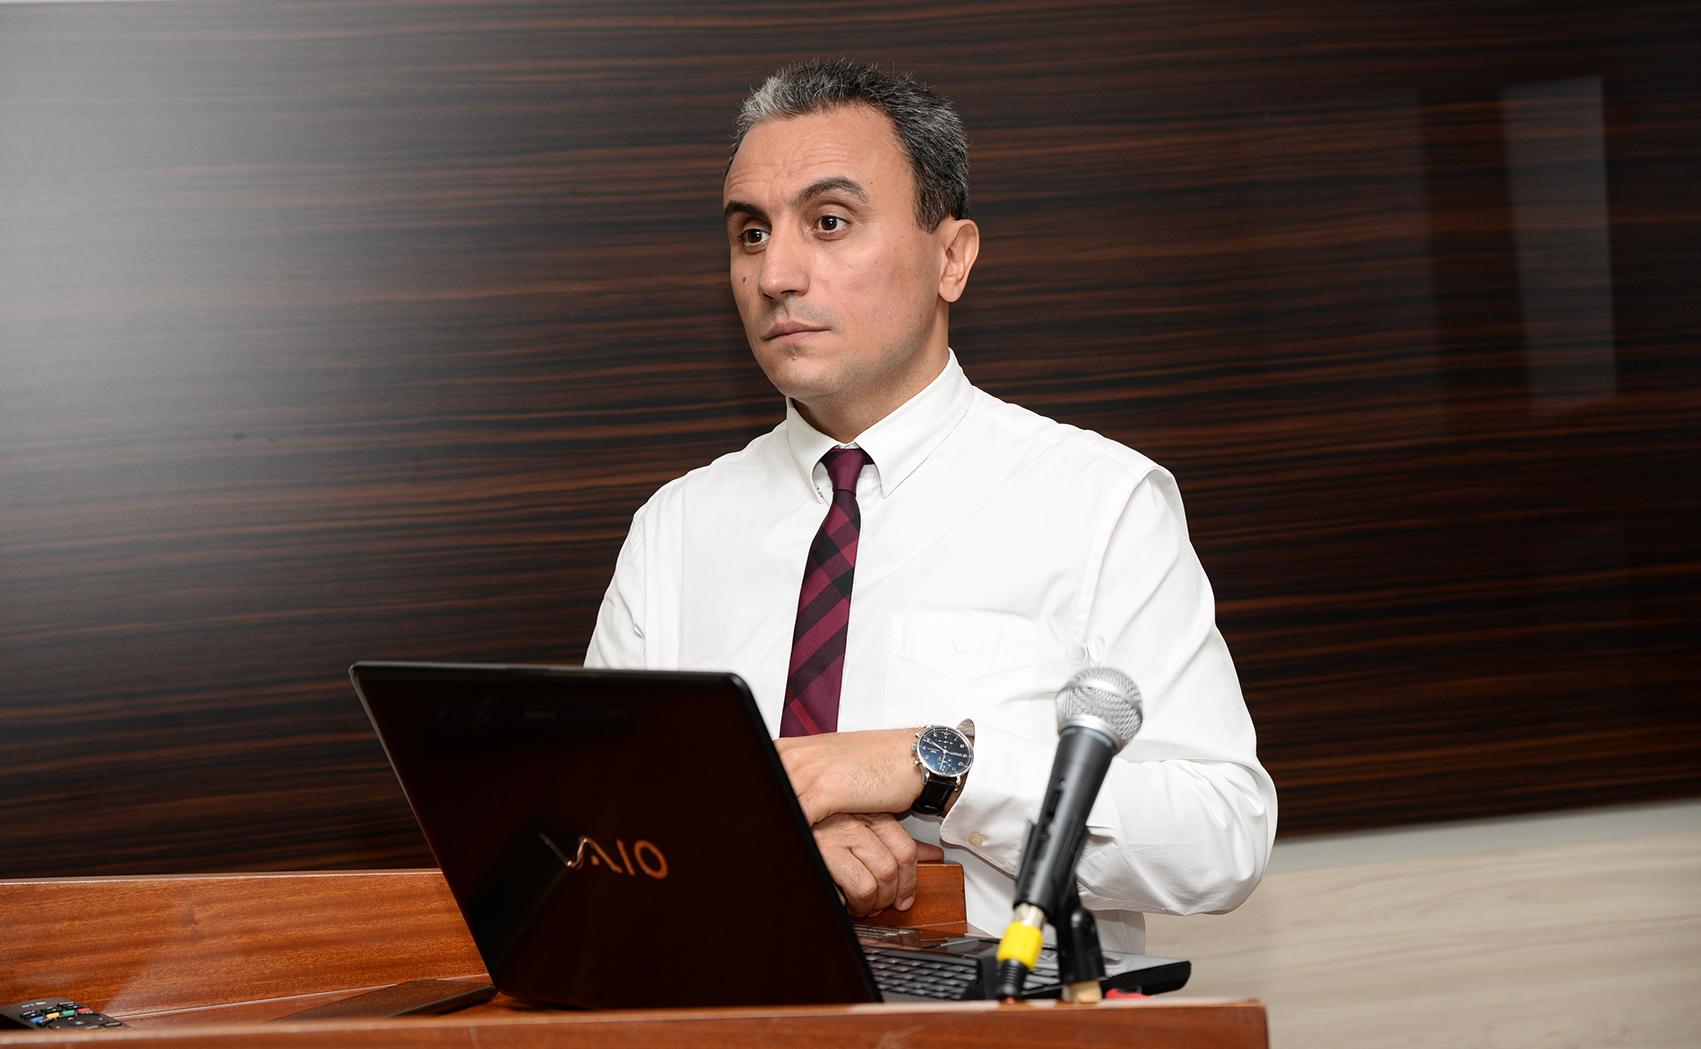 Mərkəzi Klinikanın Baş həkimi, Ürək-damar cərrahı Prof. Dr. Kamran Musayev